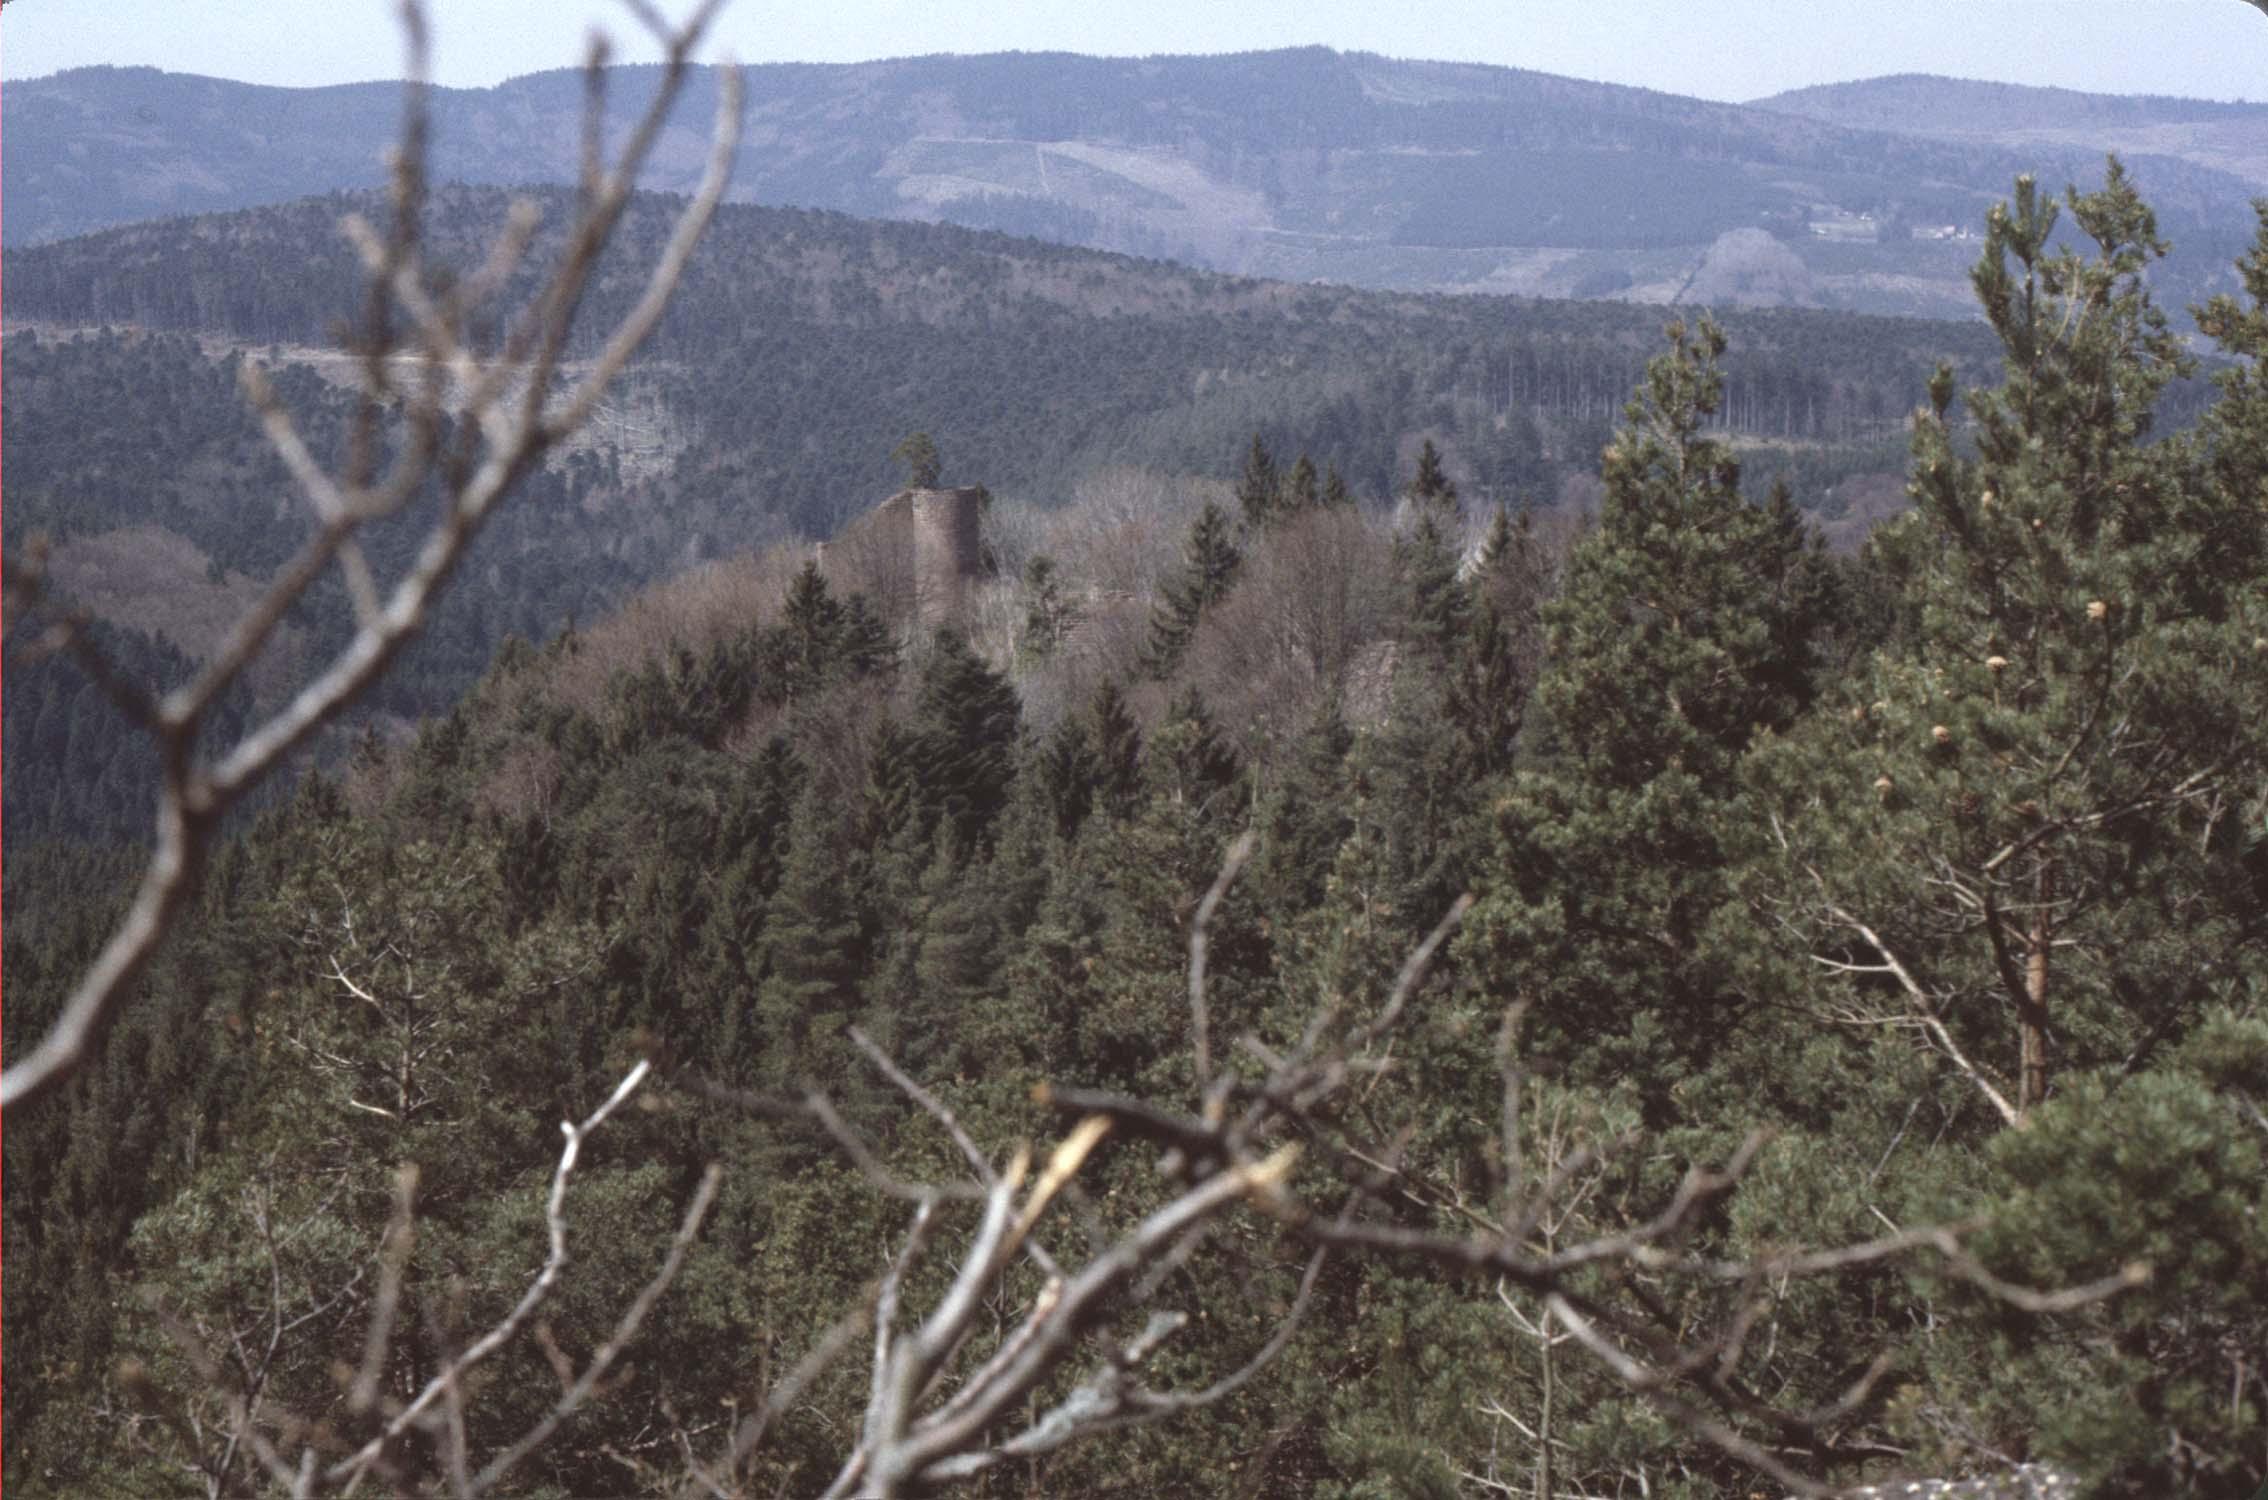 Château à travers les arbres, vu à distance depuis le mur païen